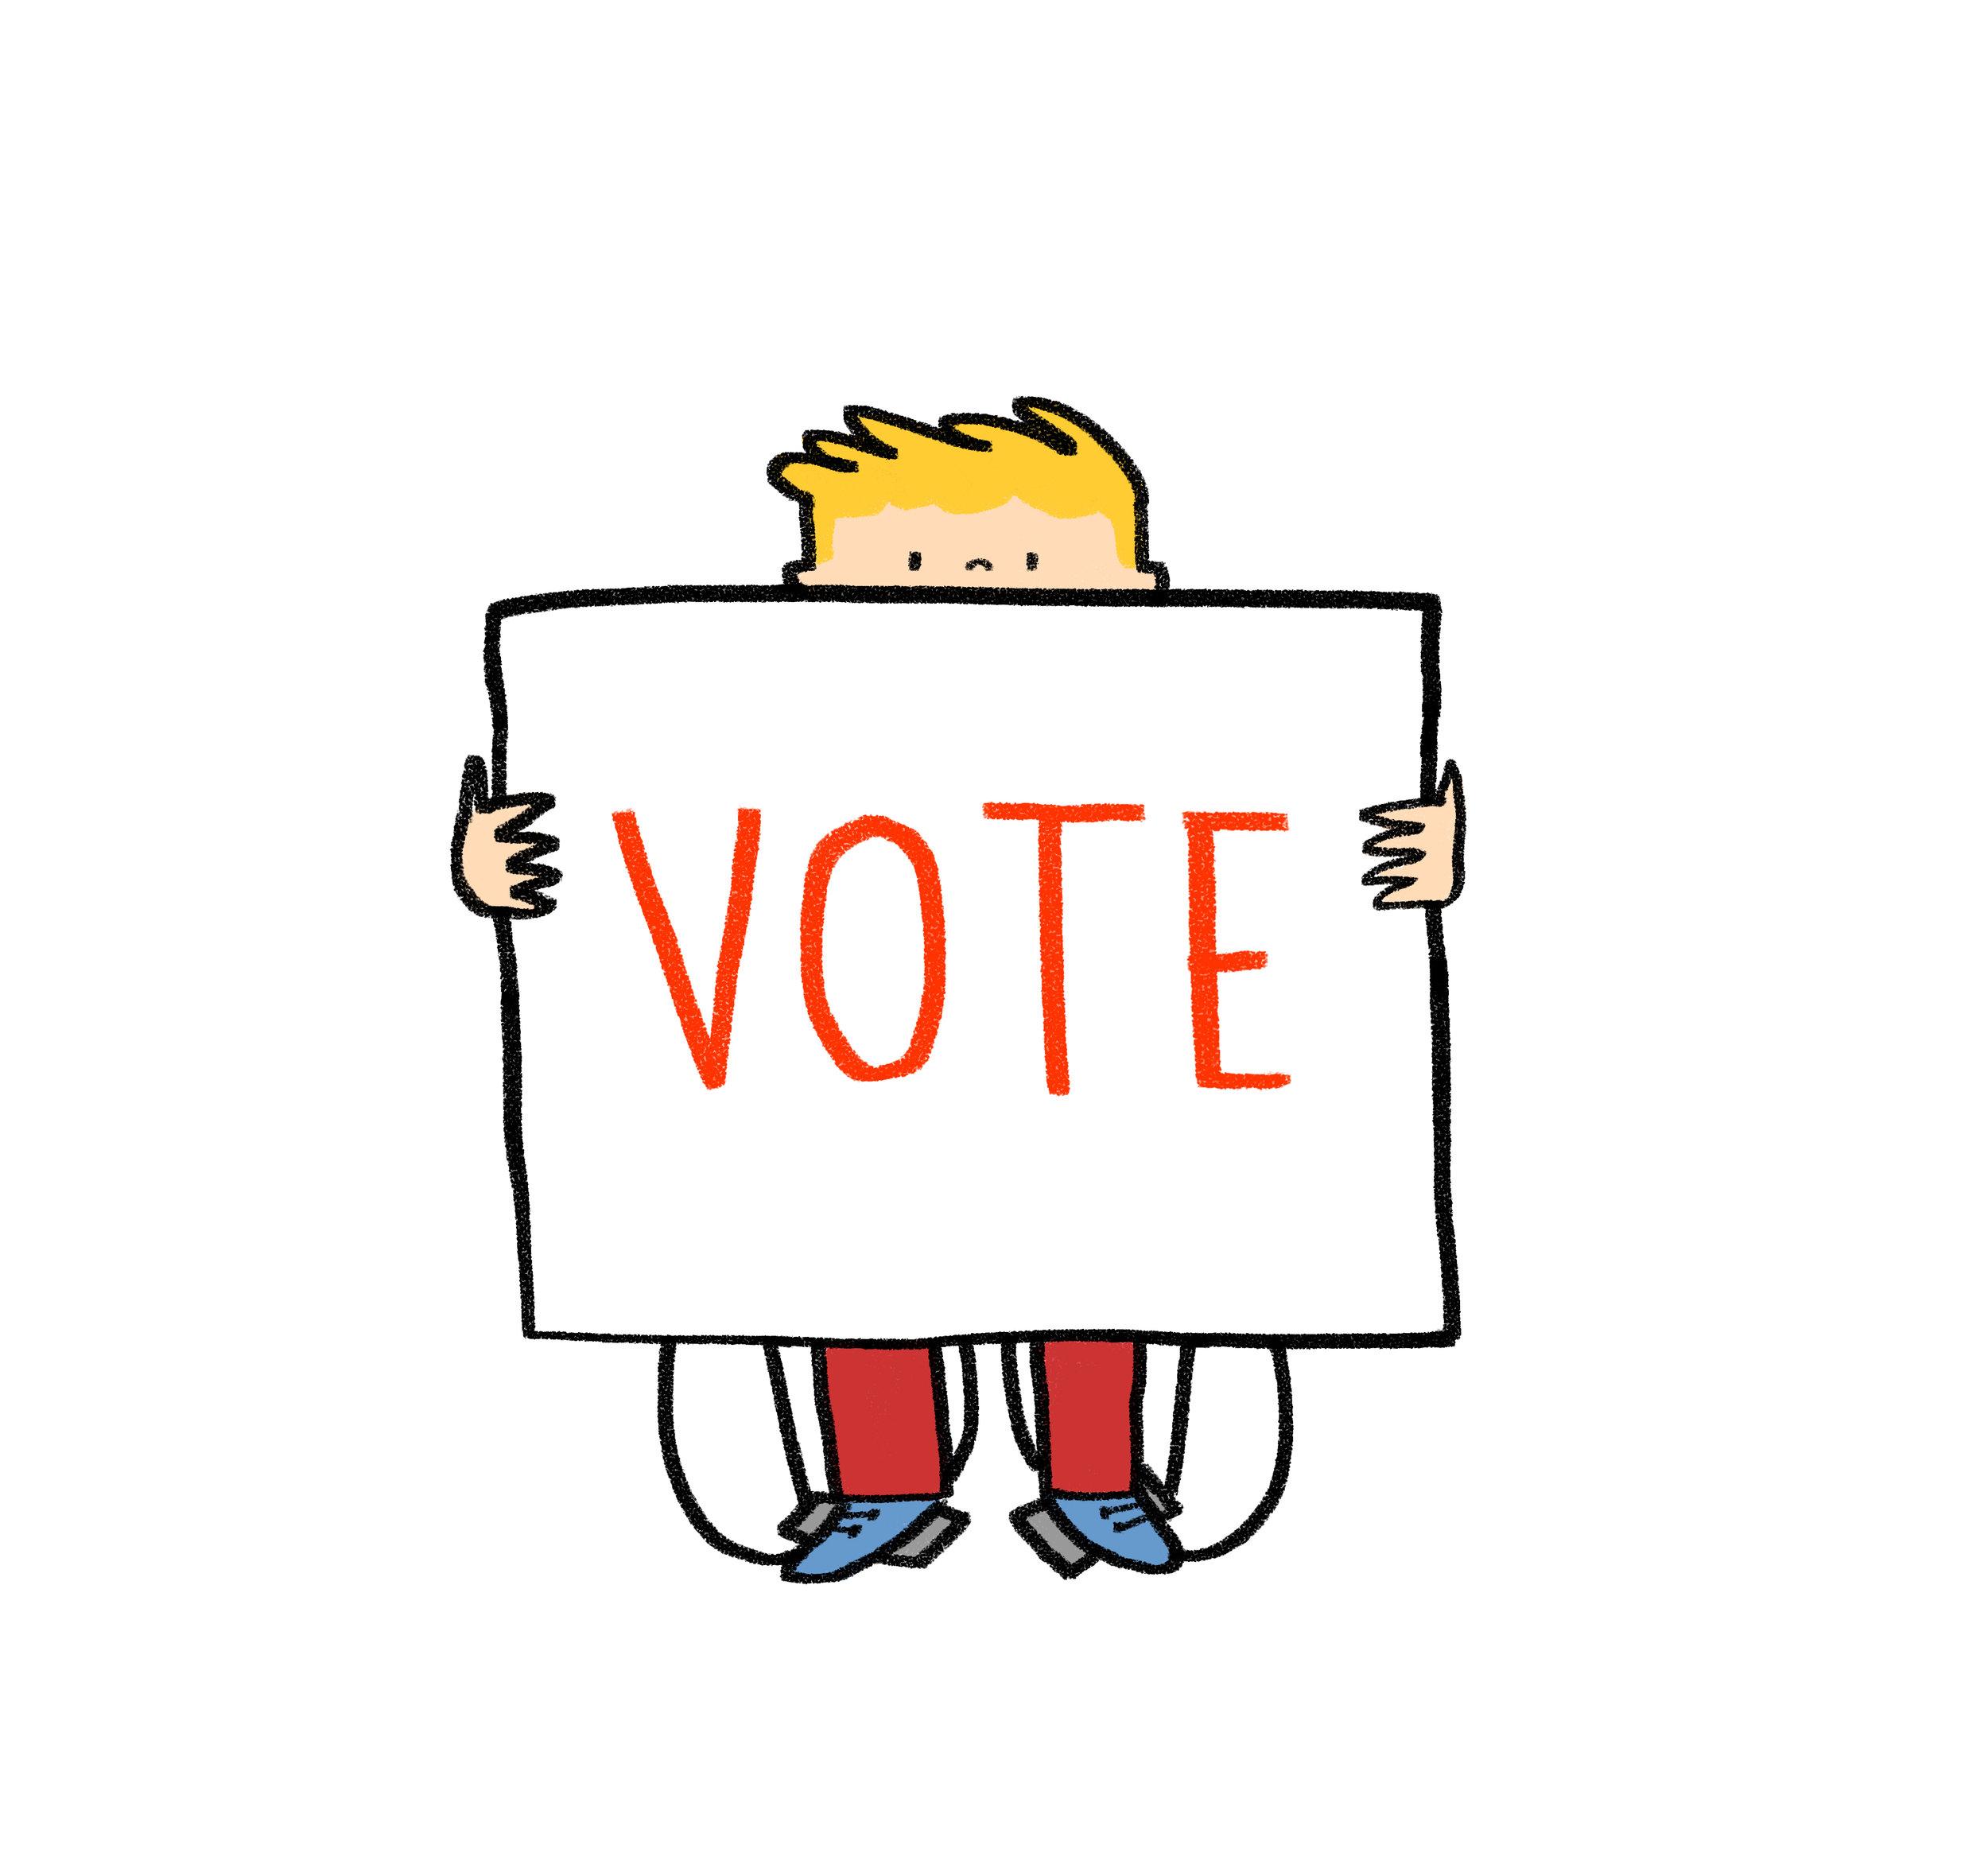 VOTE-8.jpg